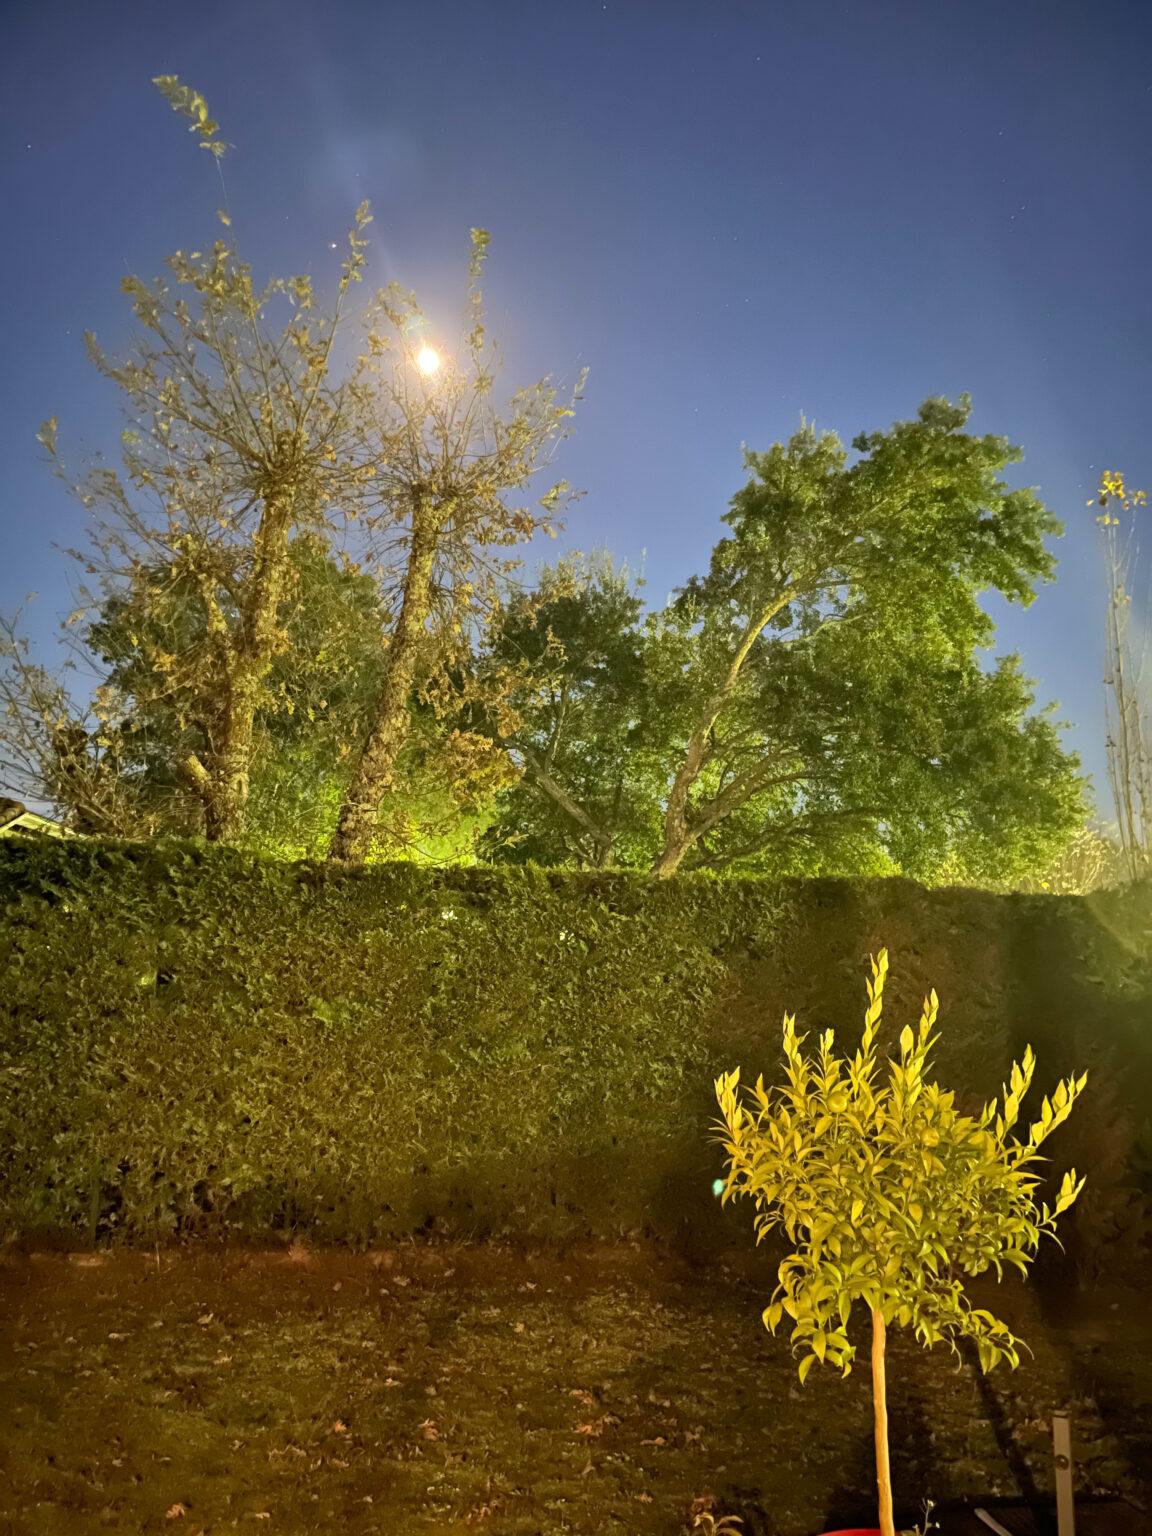 Photo de nuit prise à l'Phone 12 Pro Max - mode nuit au max